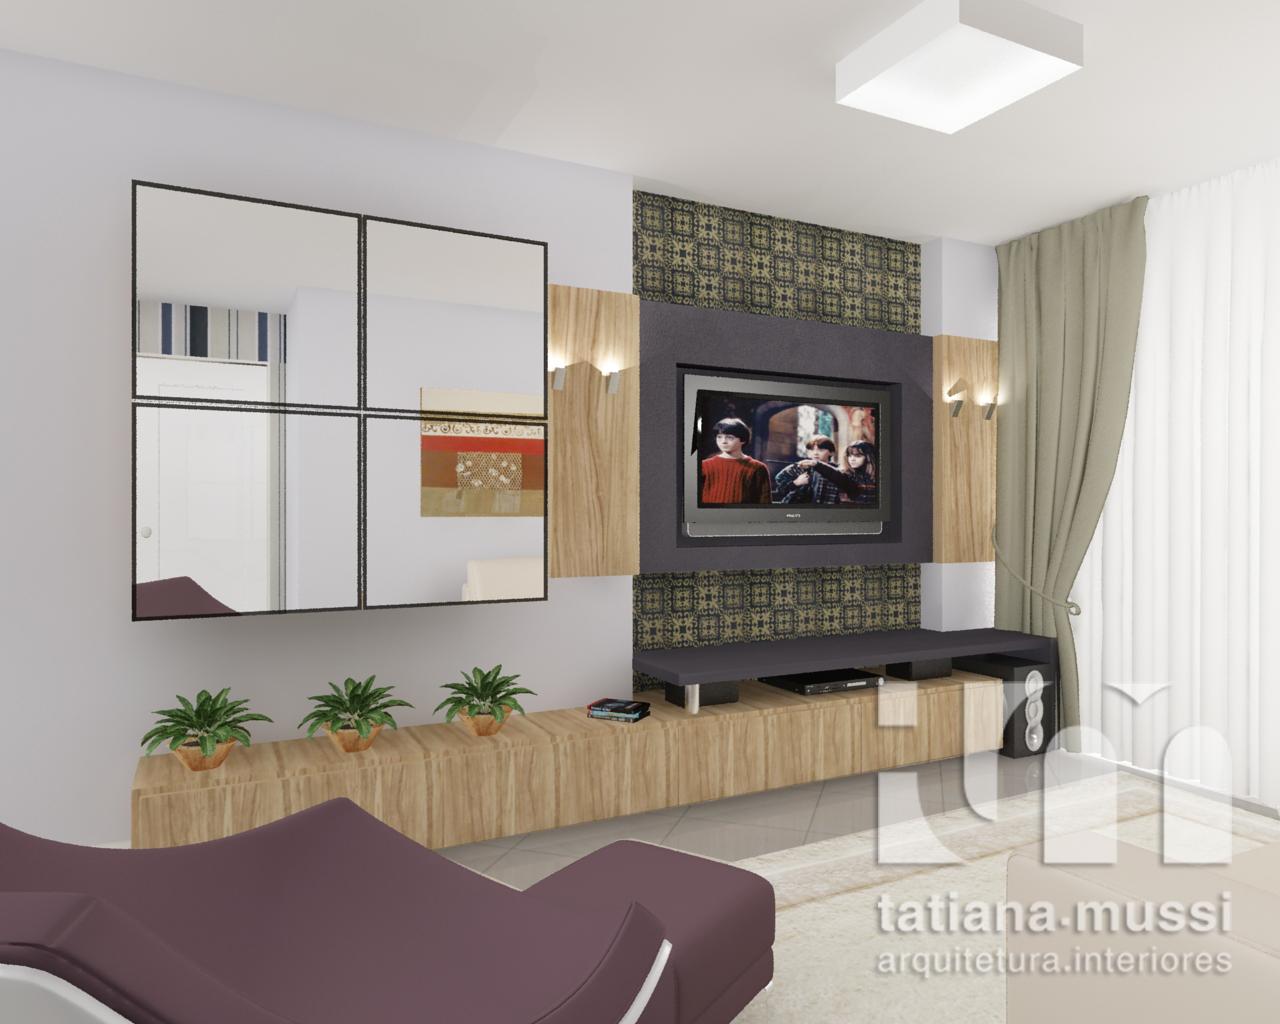 Tatiana Mussi Arquitetura e Interiores: Sala e cozinha integradas #4B5F37 1280 1024